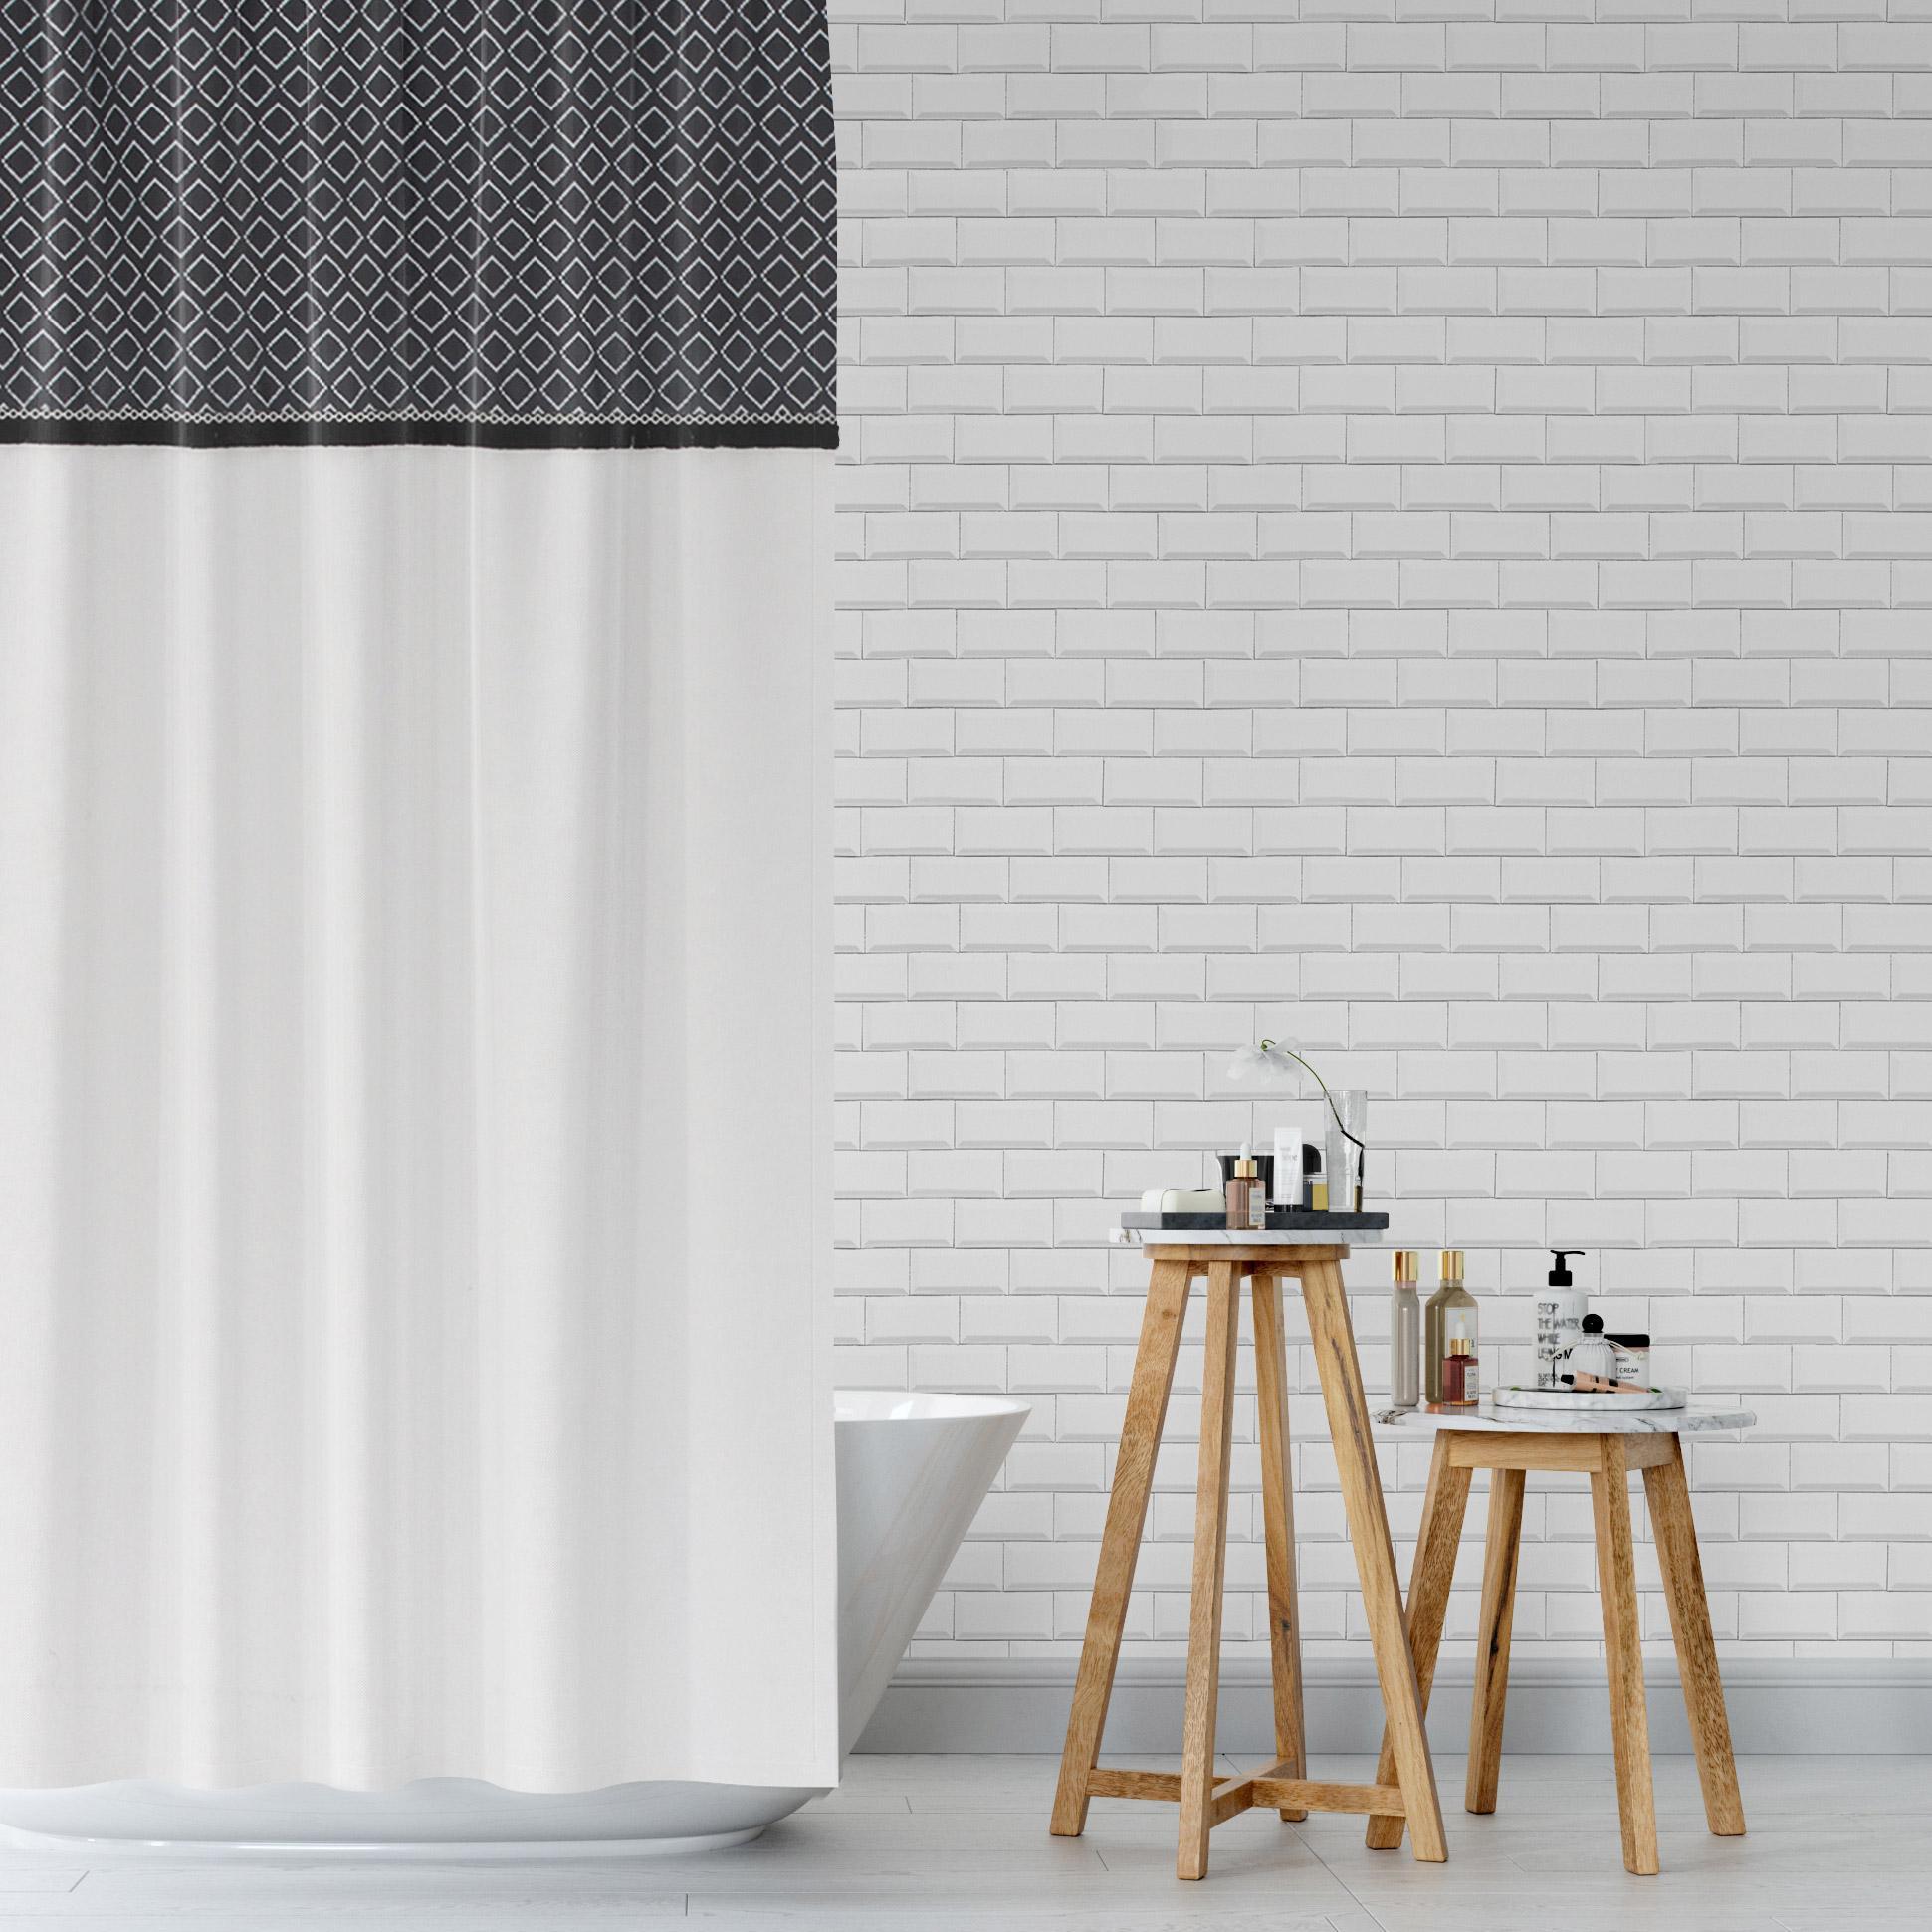 Rideau de douche en textile l.180 x H.200 cm, Folk SENSEA